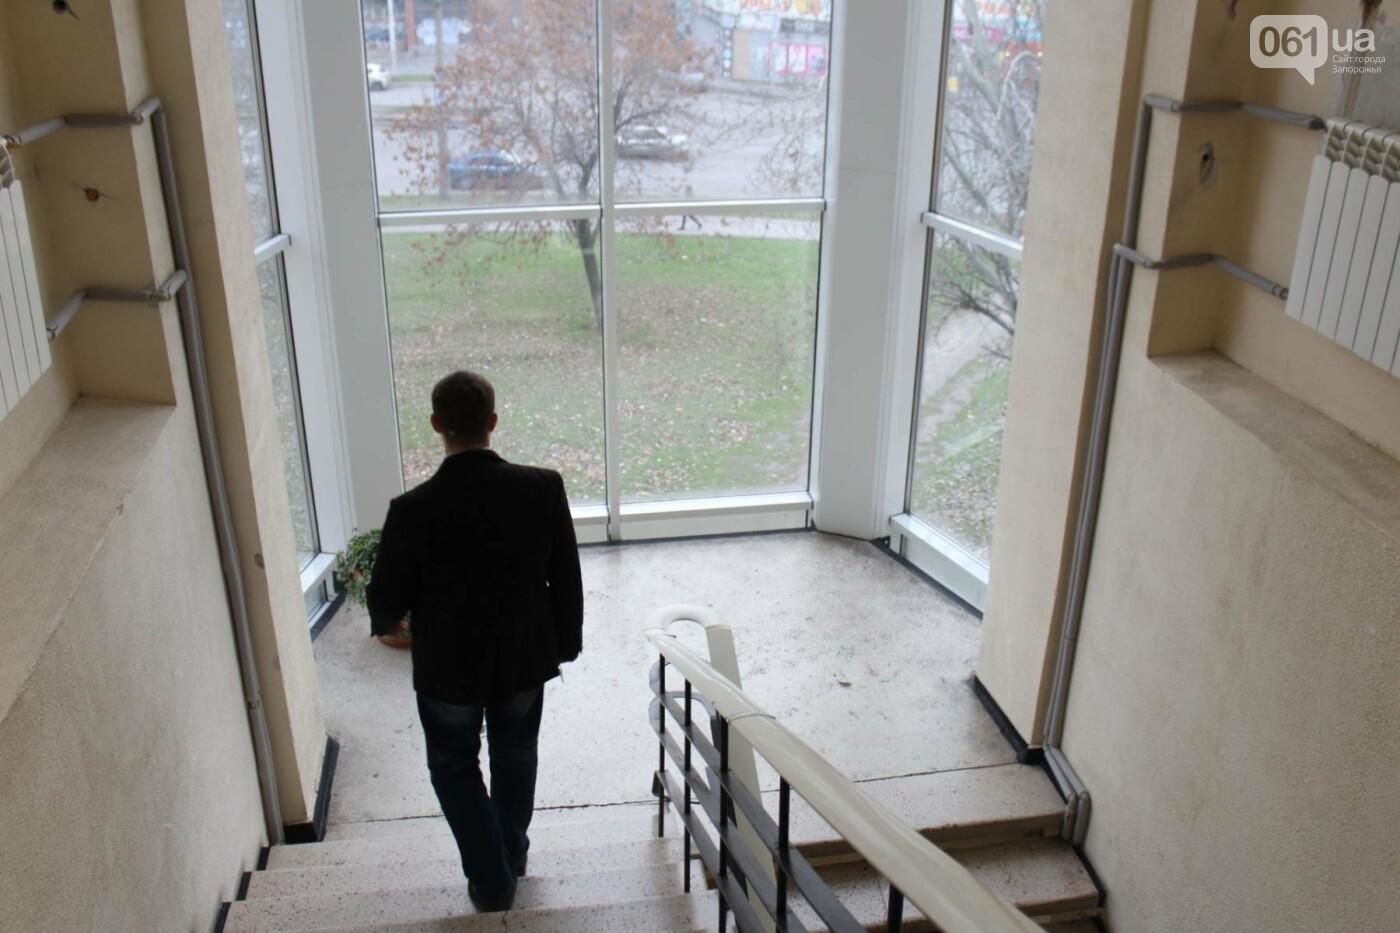 Чем живет запорожский центр молодежи: новый концертный зал, коворкинг и остатки пропагандистского прошлого, - ФОТОРЕПОРТАЖ, фото-26